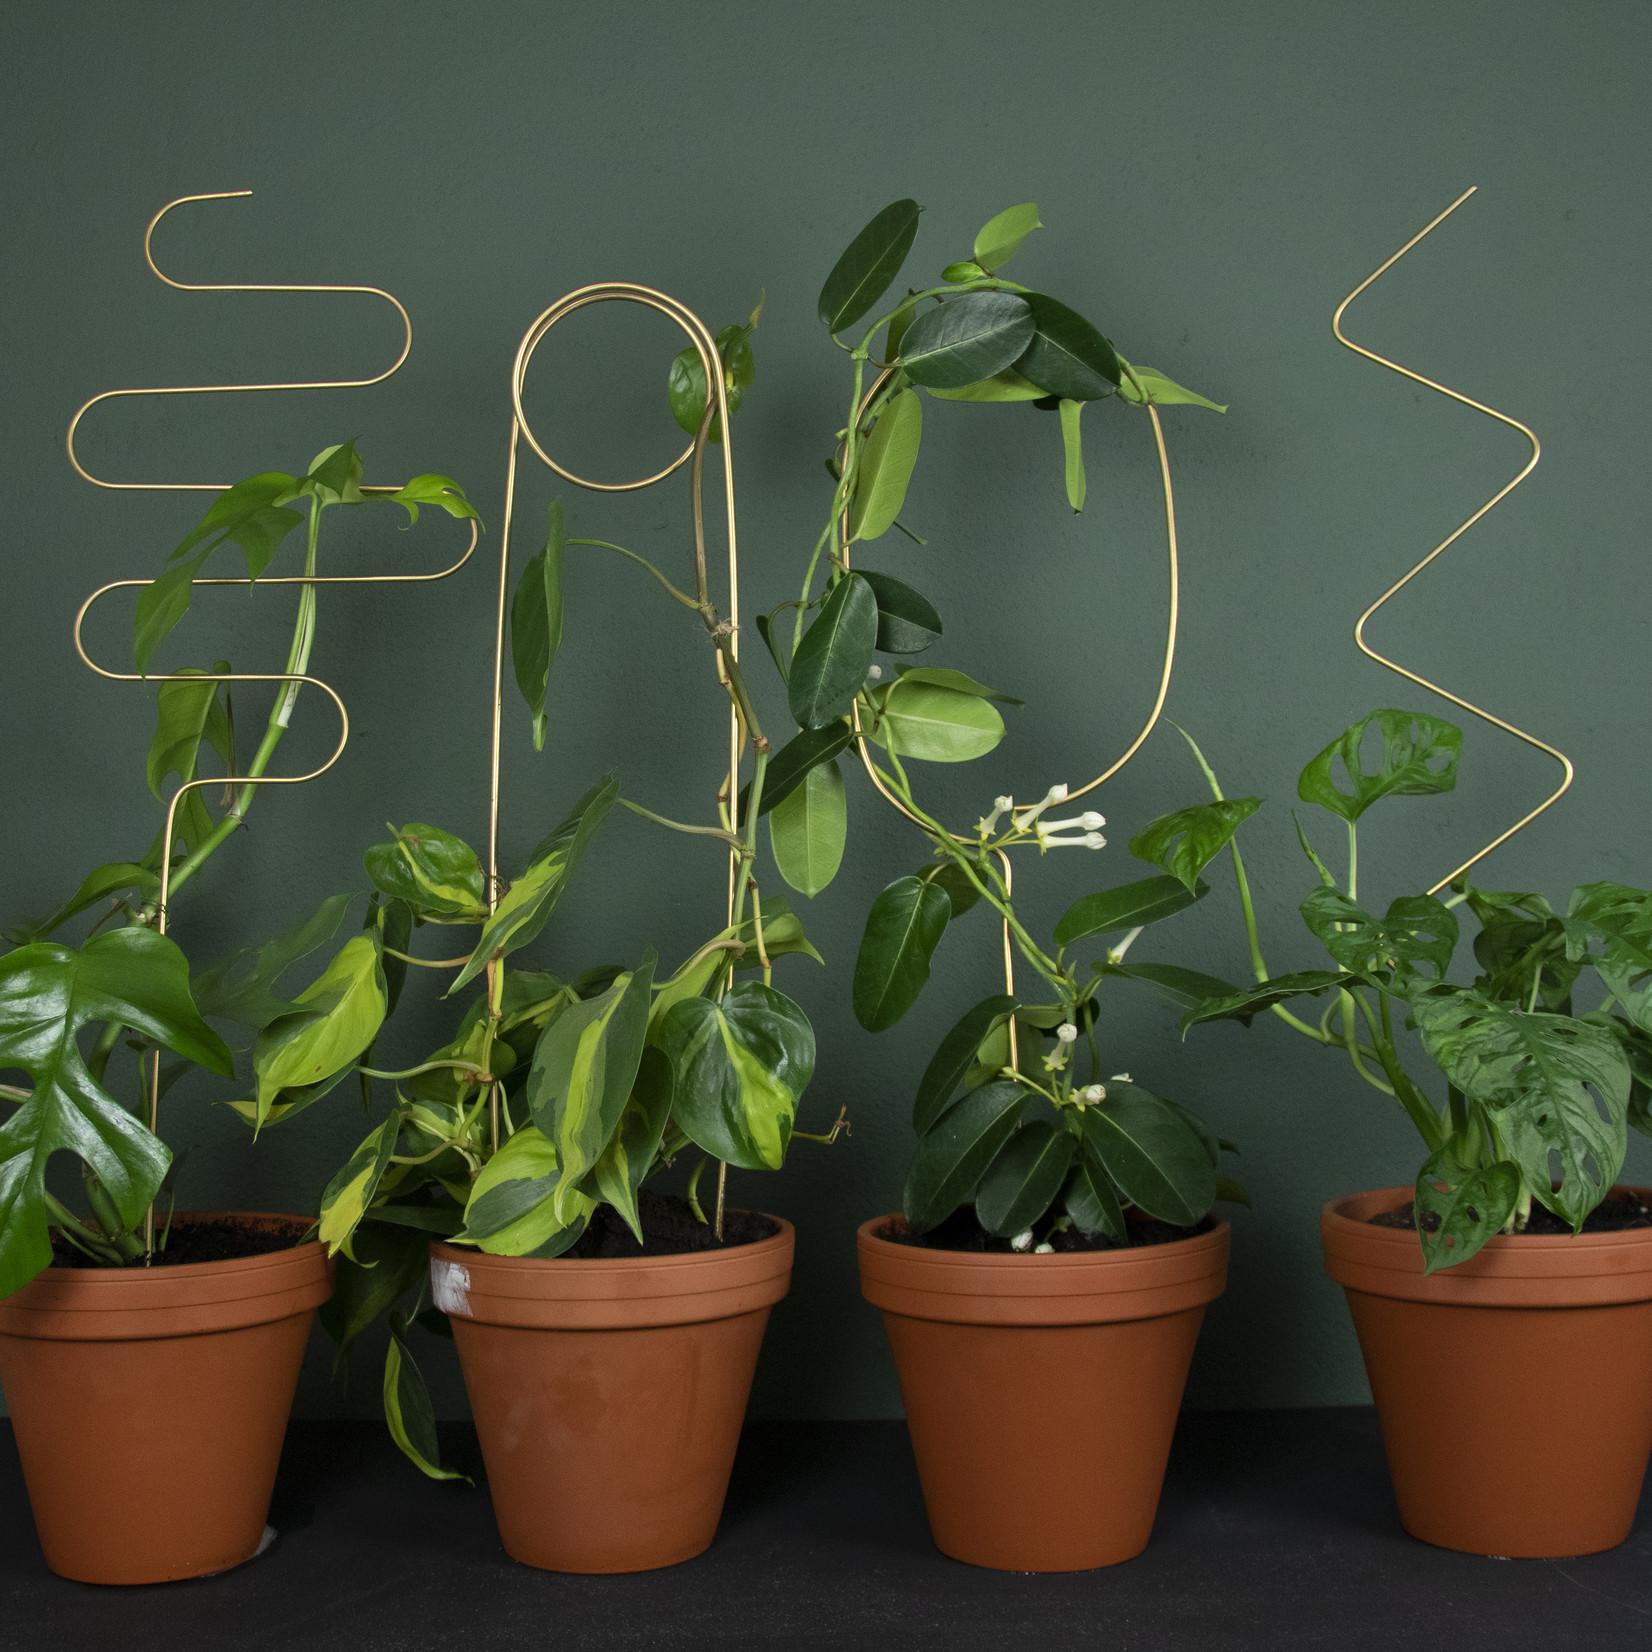 Botanopia Plant stake - Arch